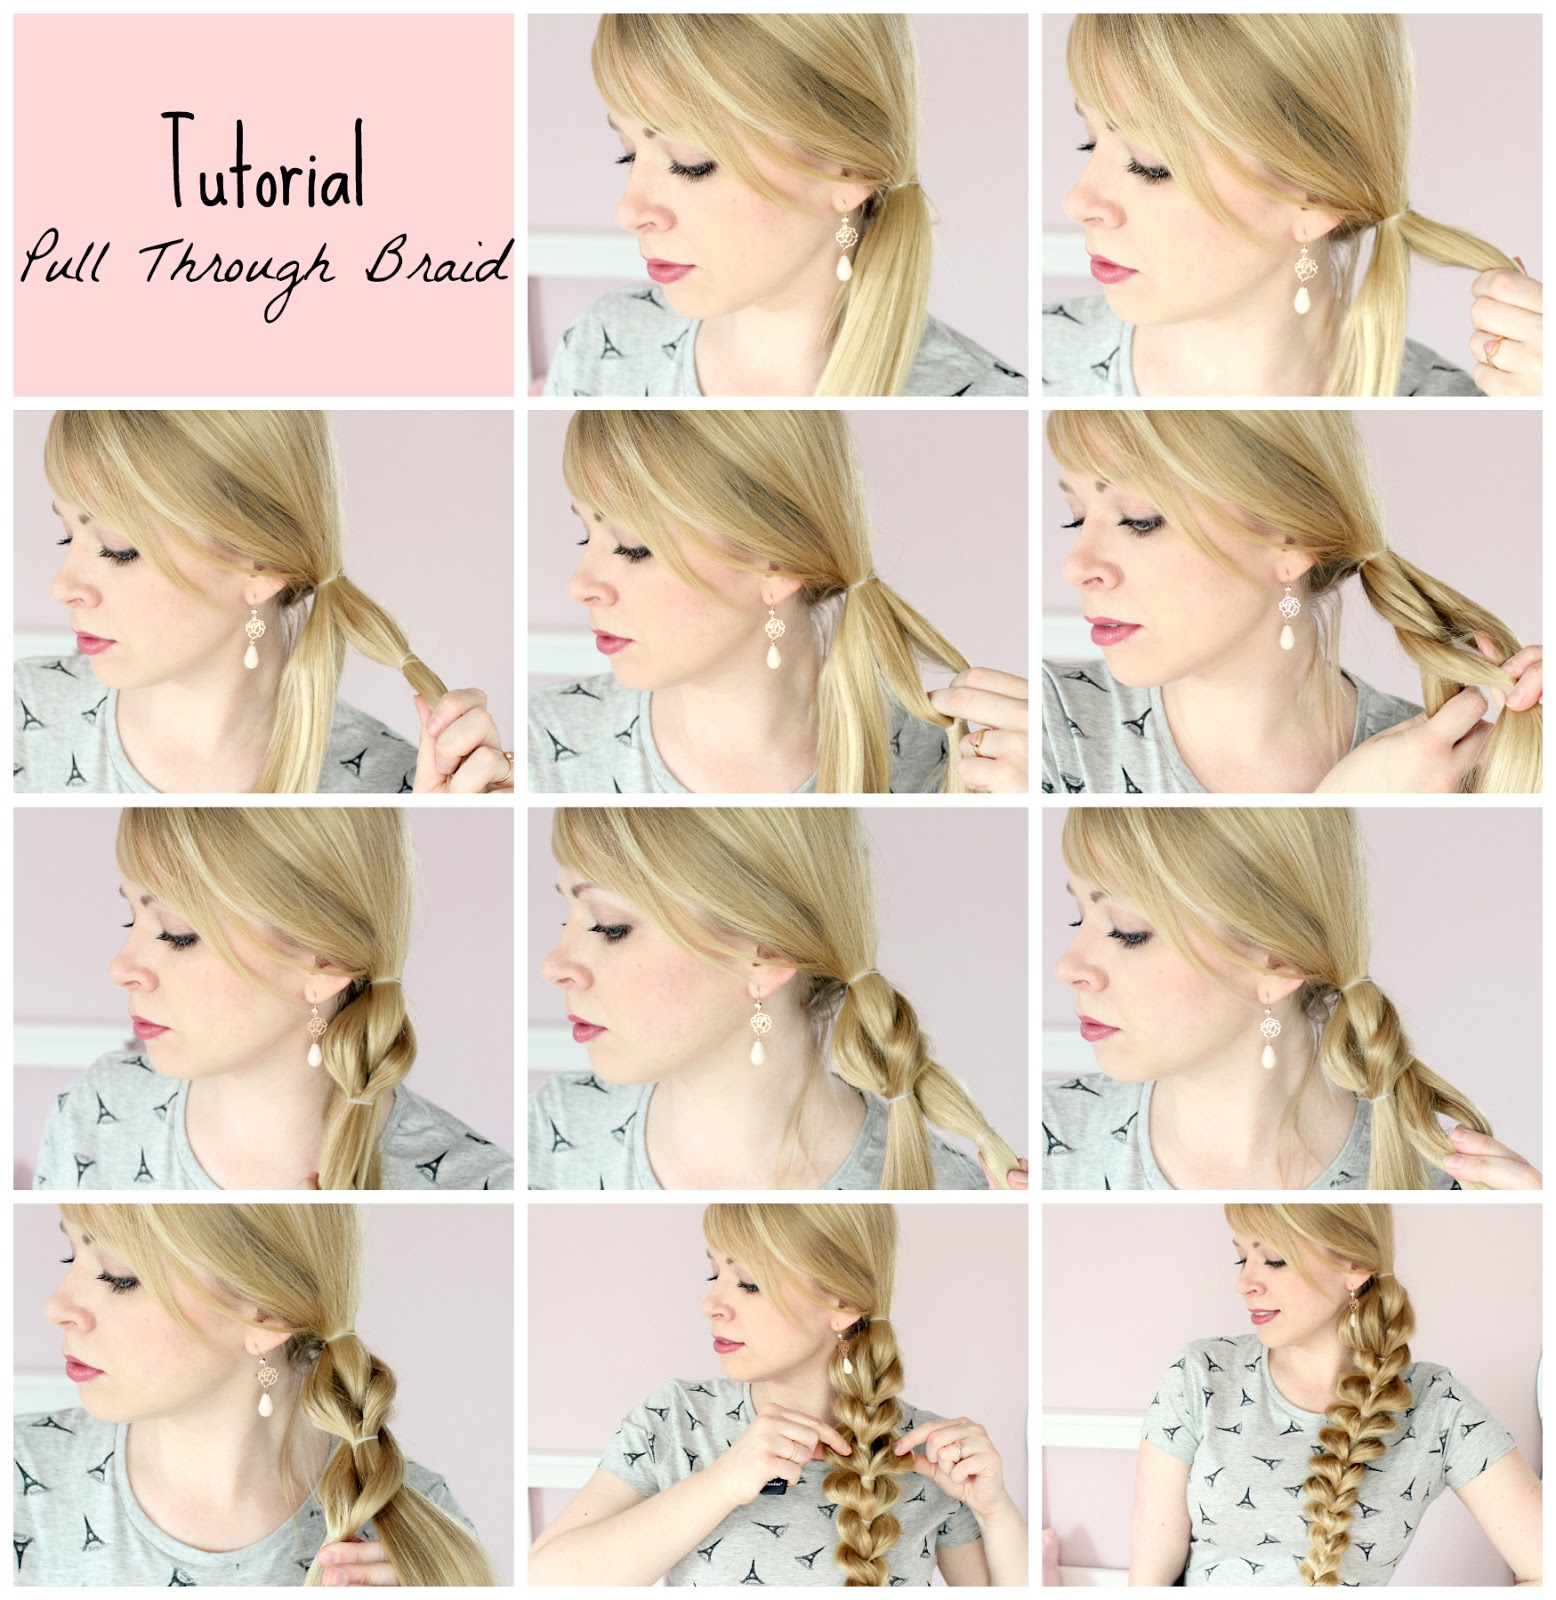 Tutorial Pull Through Braid Einfach Ohne Flechten Blush Affair